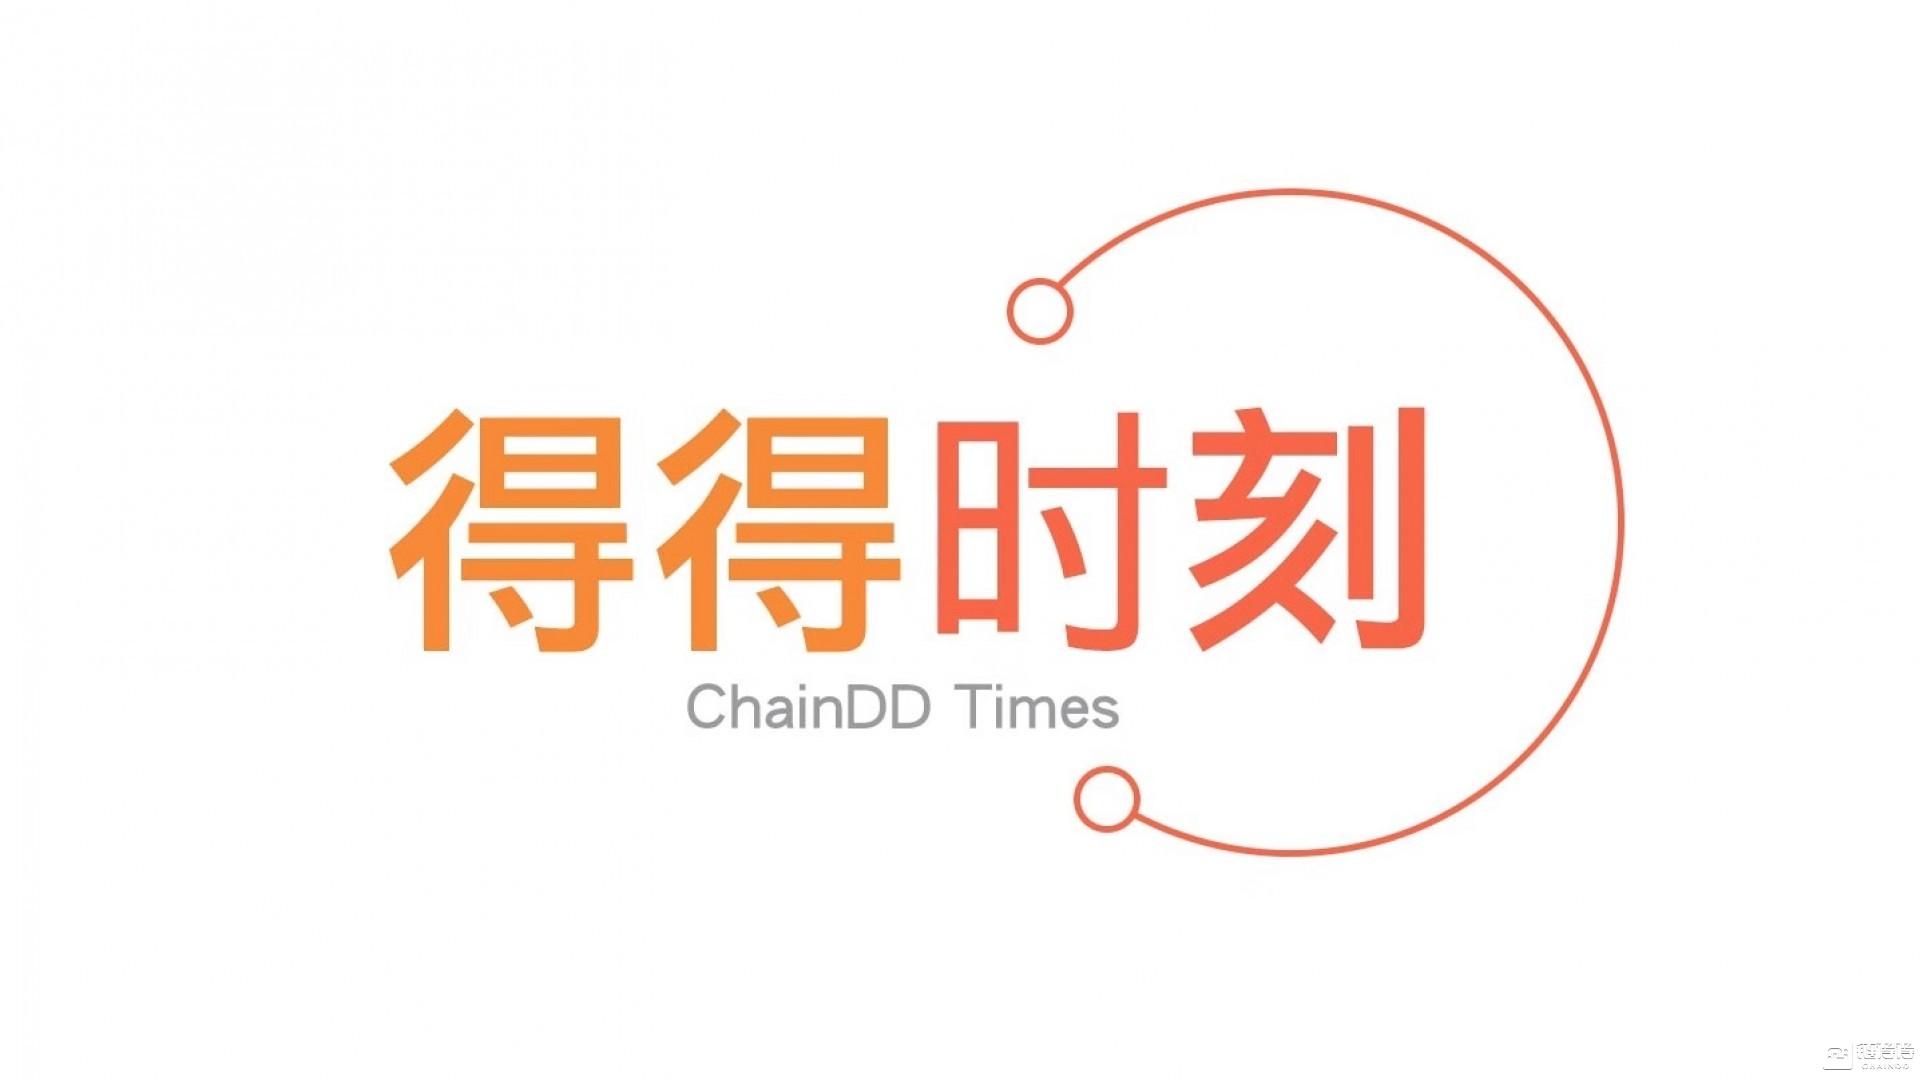 【得得FM】声讯晚班车:FATF对日本审查最终日程确定,审查范围包括加密交易|8.6